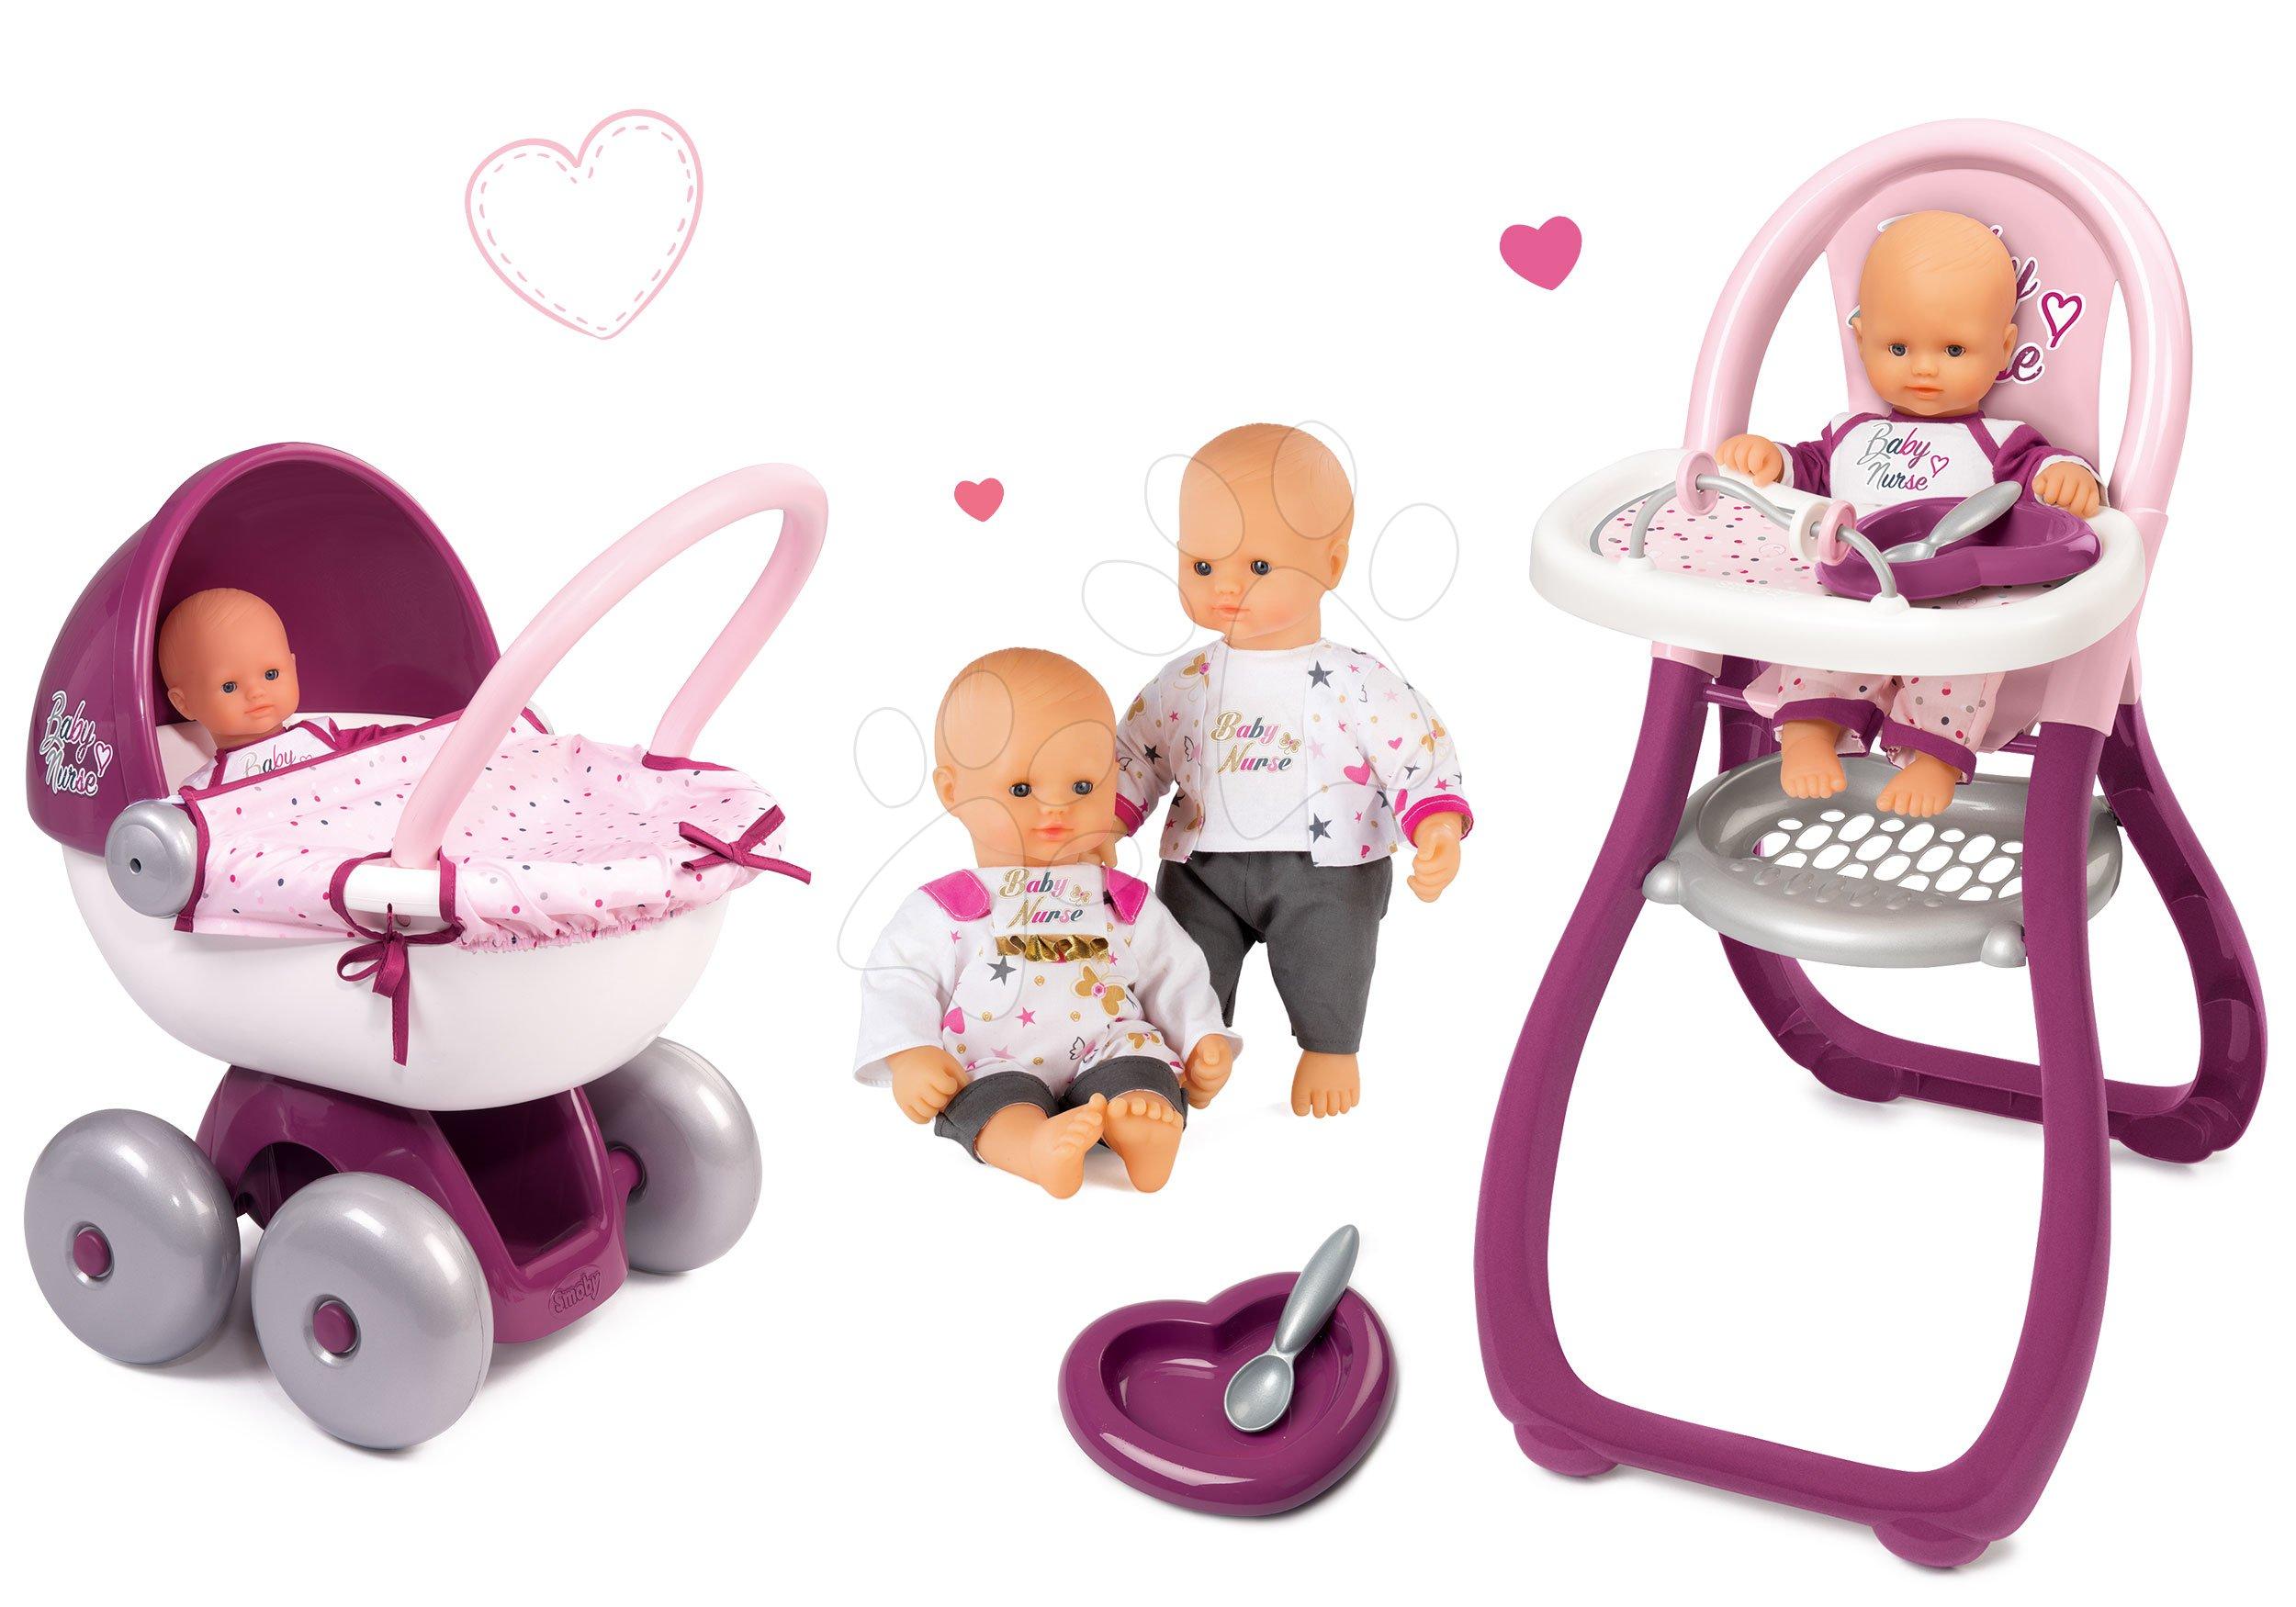 Set panenka Baby Nurse Zlatá edice Smoby 32 cm, jídelní židle, hluboký kočárek pro panenku od 24 měsíců